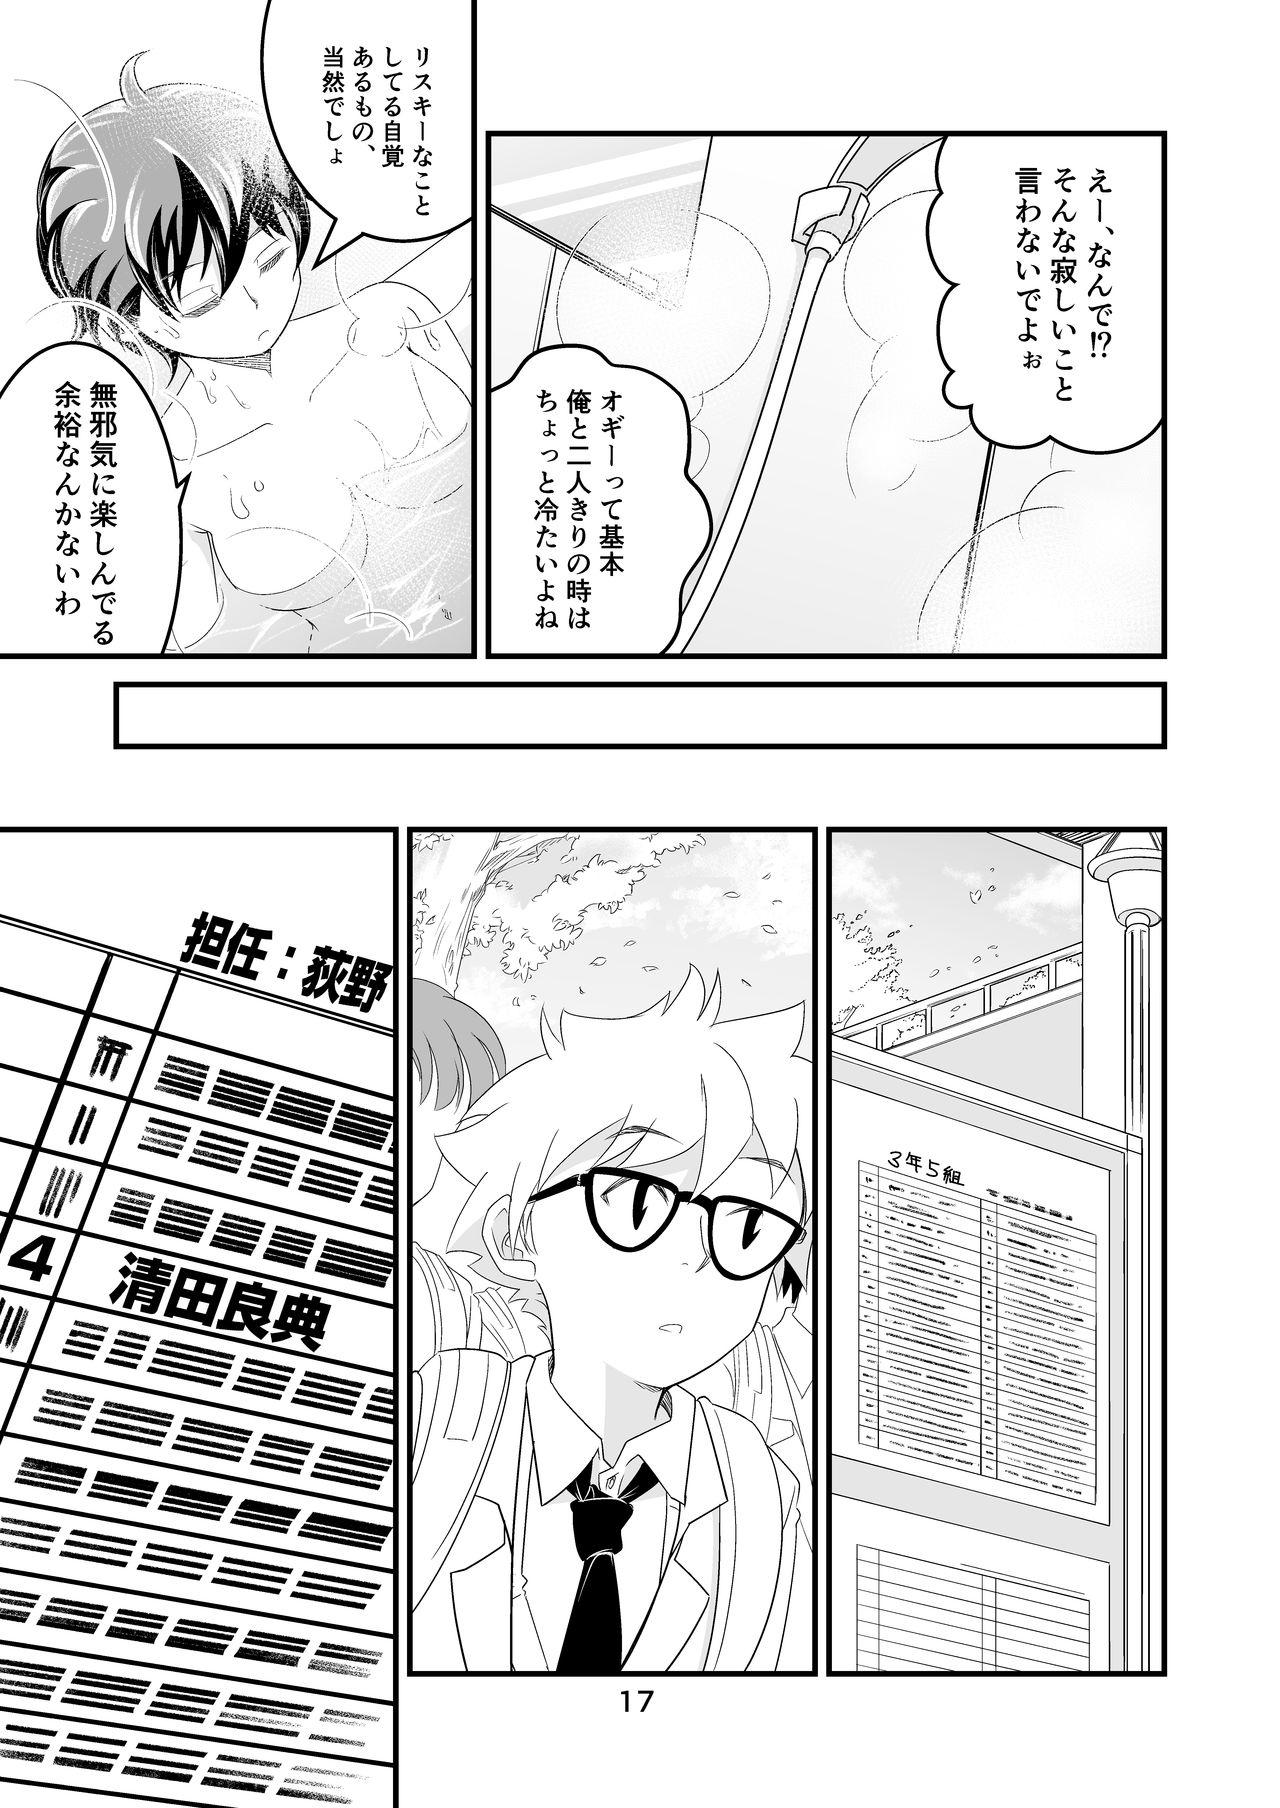 Watamote Seishun Omnibus 16